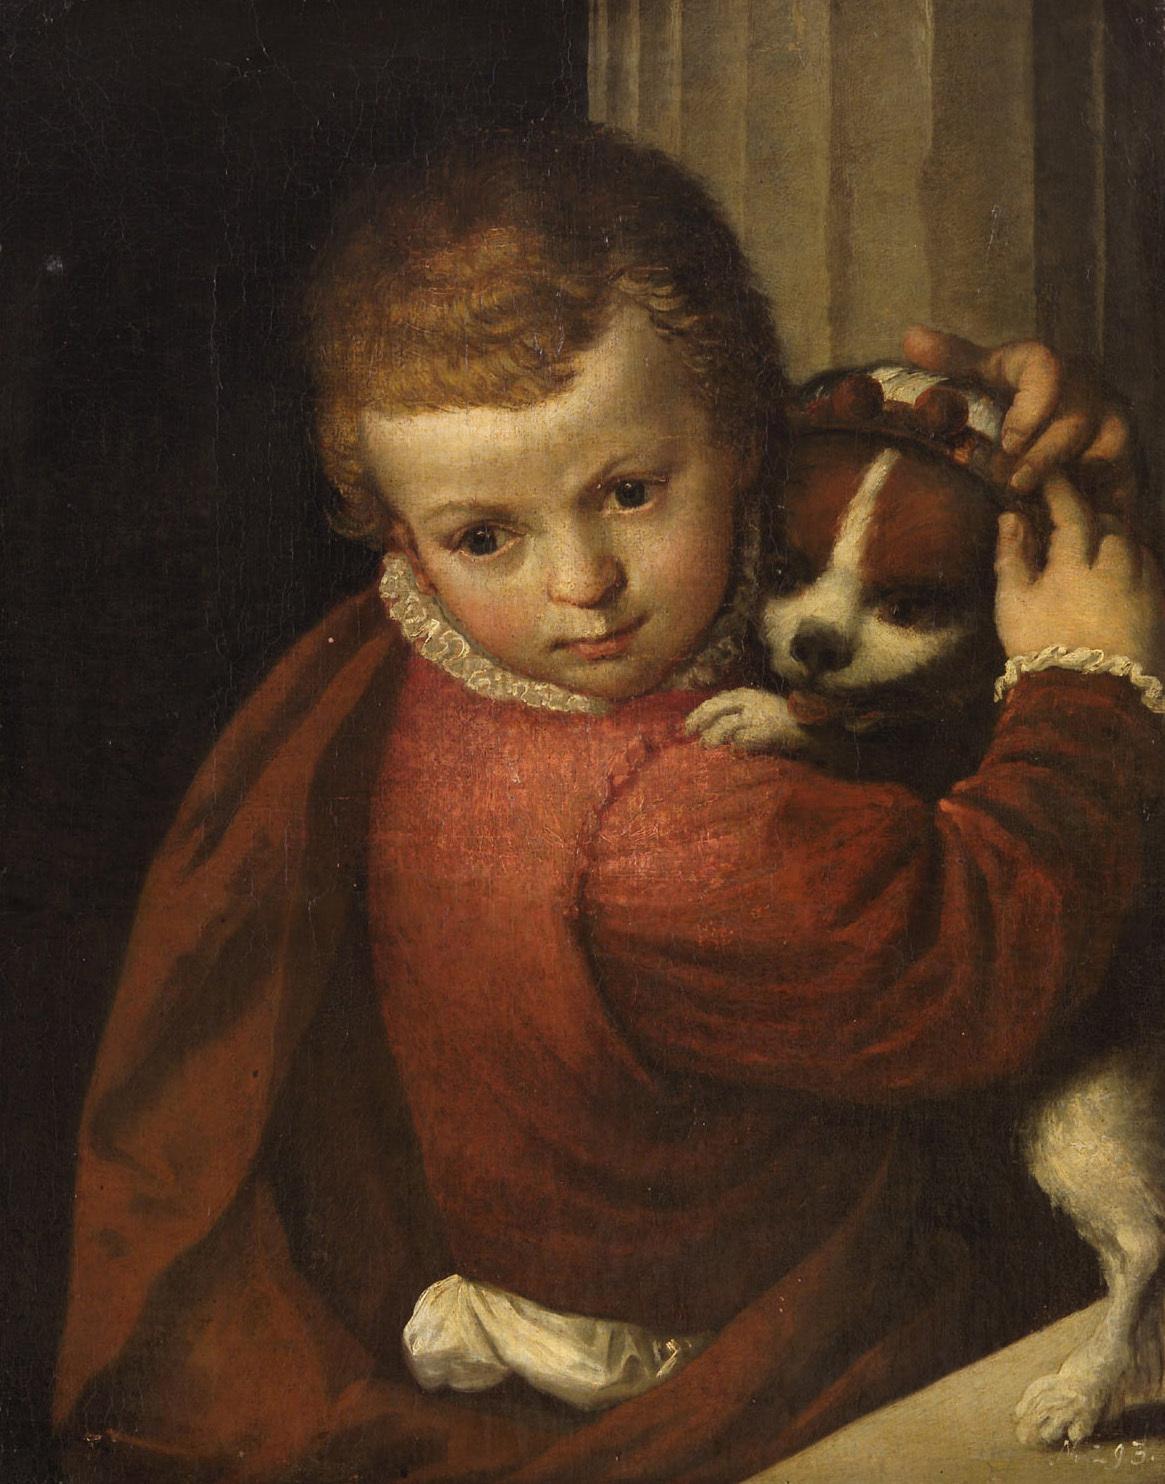 Knabe mit Hund von Paolo Caliari, gen. Veronese